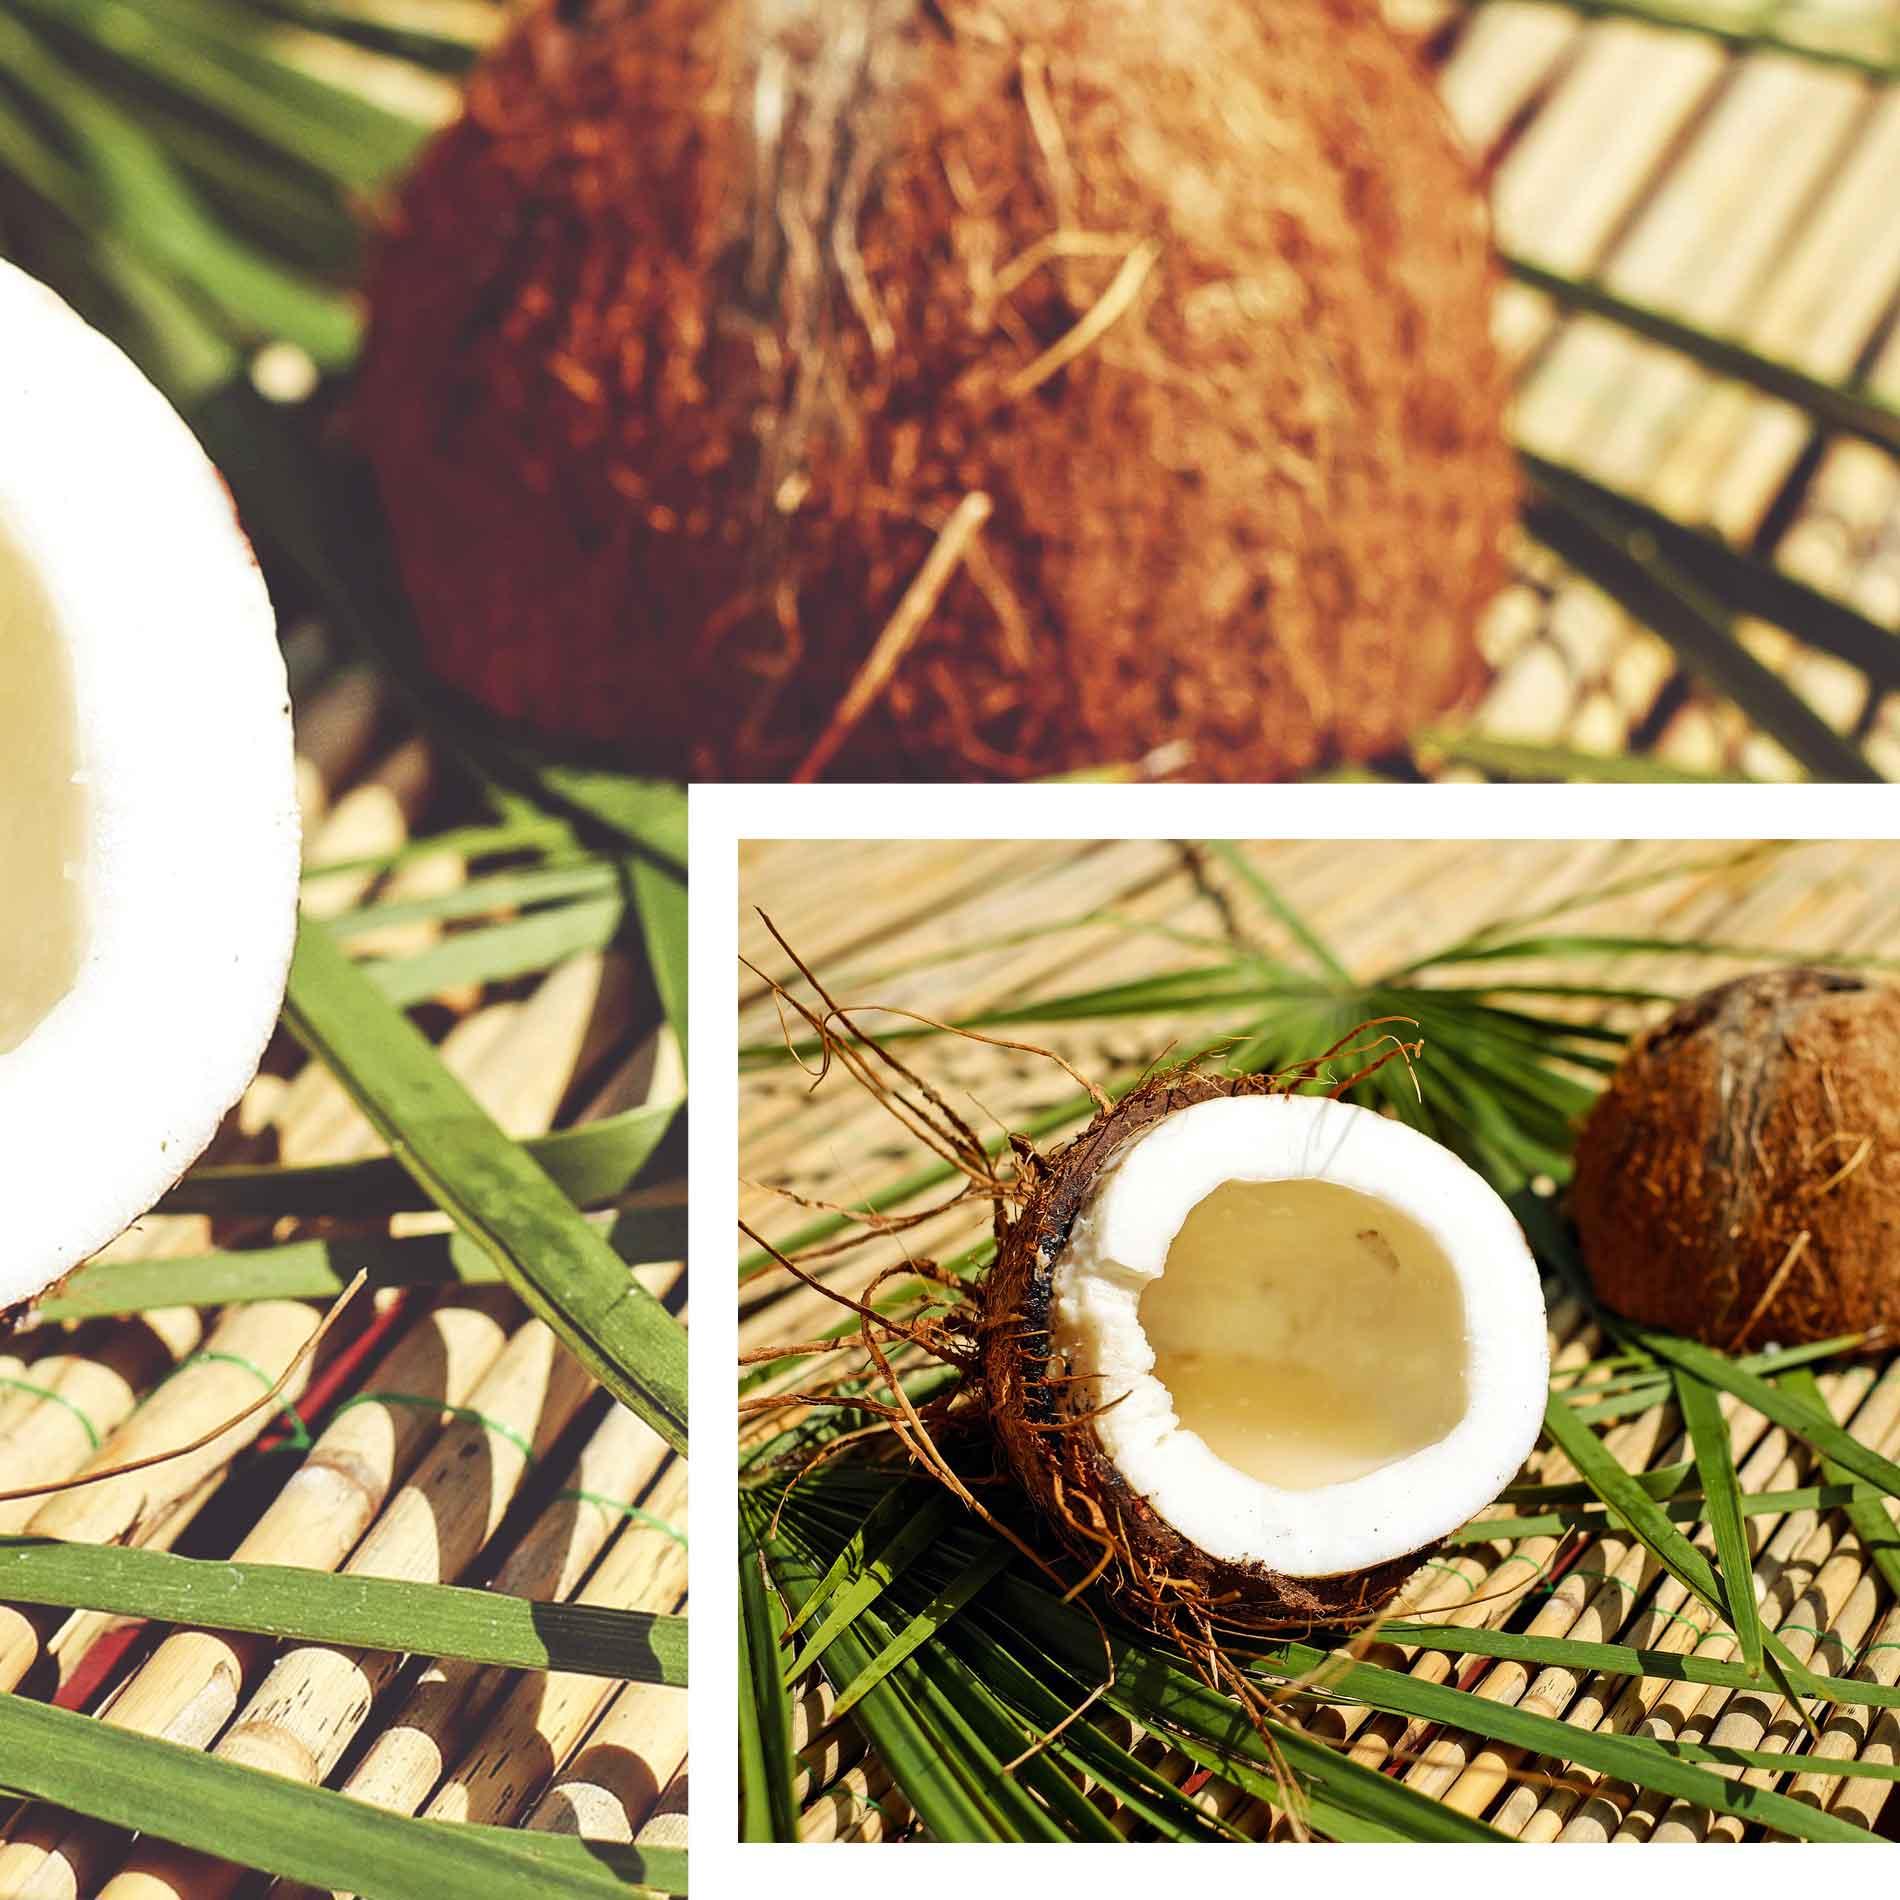 Kokosnuss und Kokosöl, Beauty Hacks, Kokosöl für die Gesundheit, Gesundheitstipps, Kokosöl für äußere Anwendung, Kokosöl für innere Anwendung, Superfood Kokosöl, Superfood Kokosnuss, natürliche Superfoods,